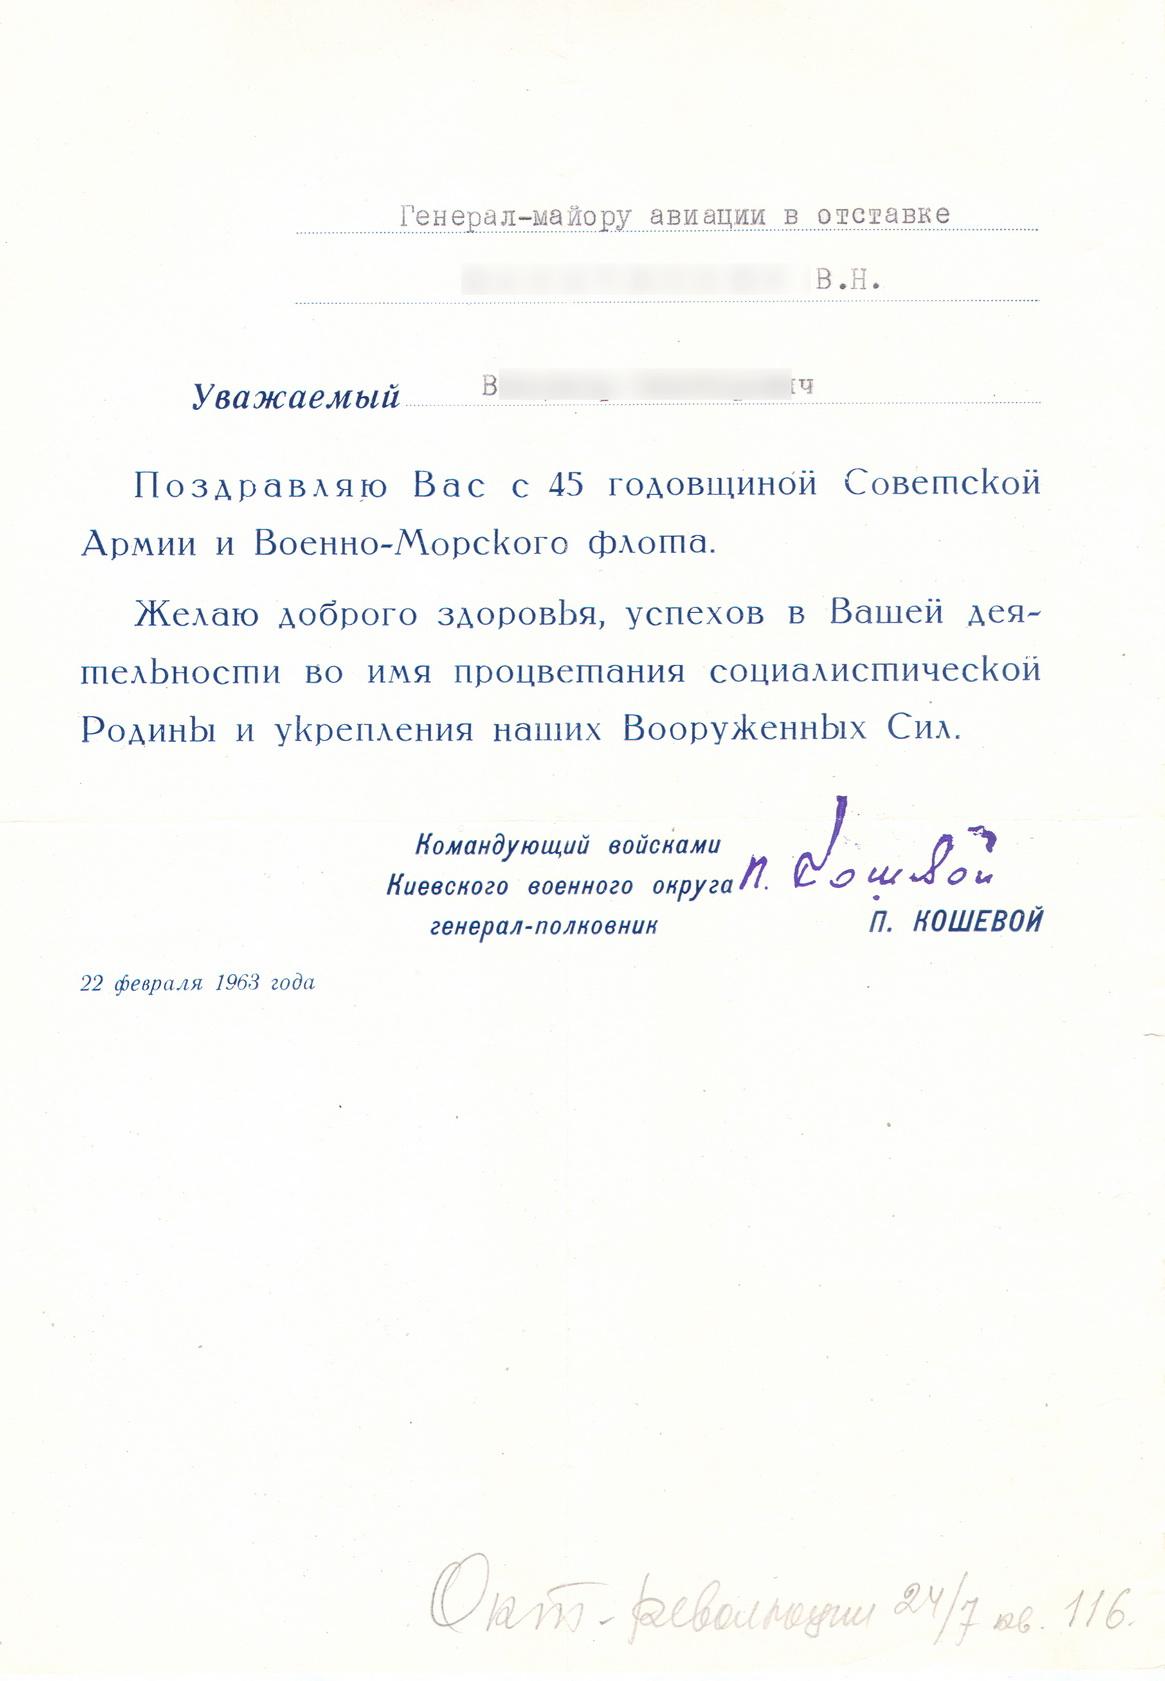 Pozdravlenie - 2302 - 1963_resize